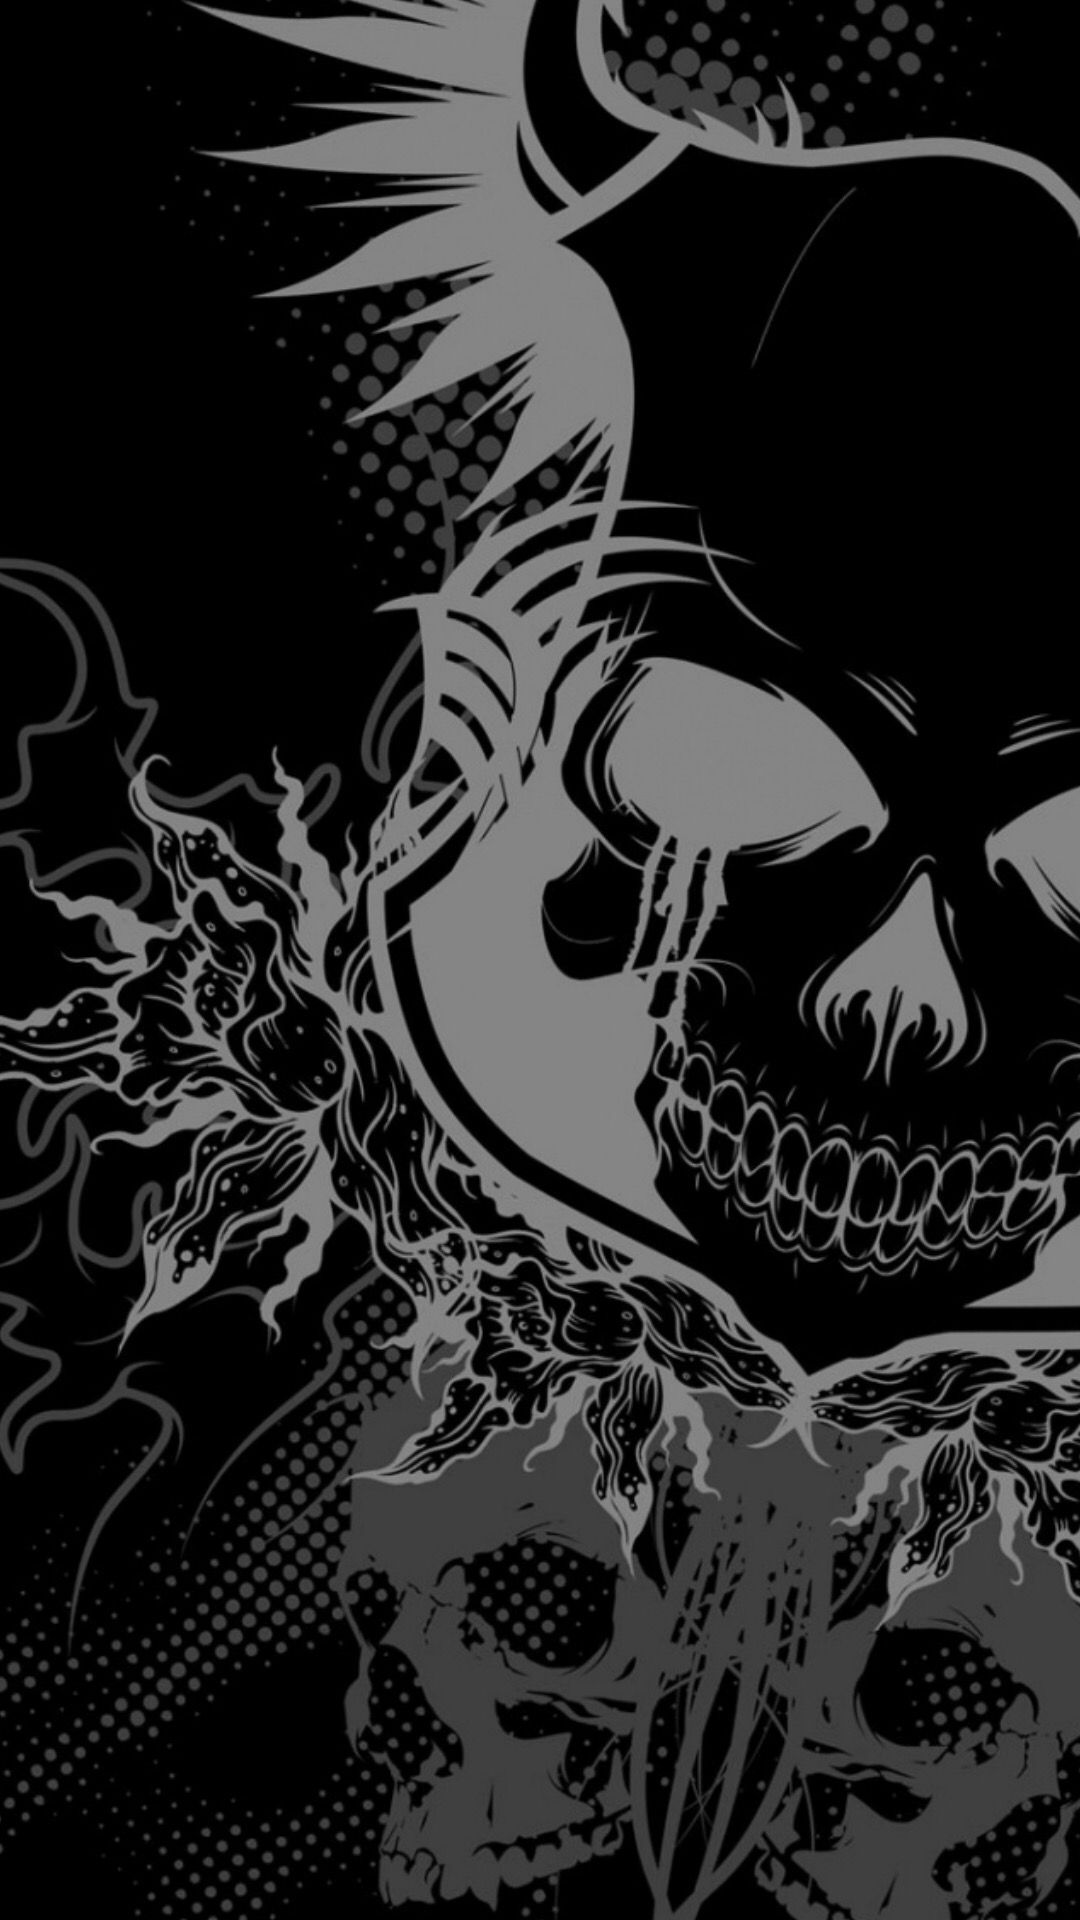 Pin by Travis on skulls Graffiti, Skull wallpaper